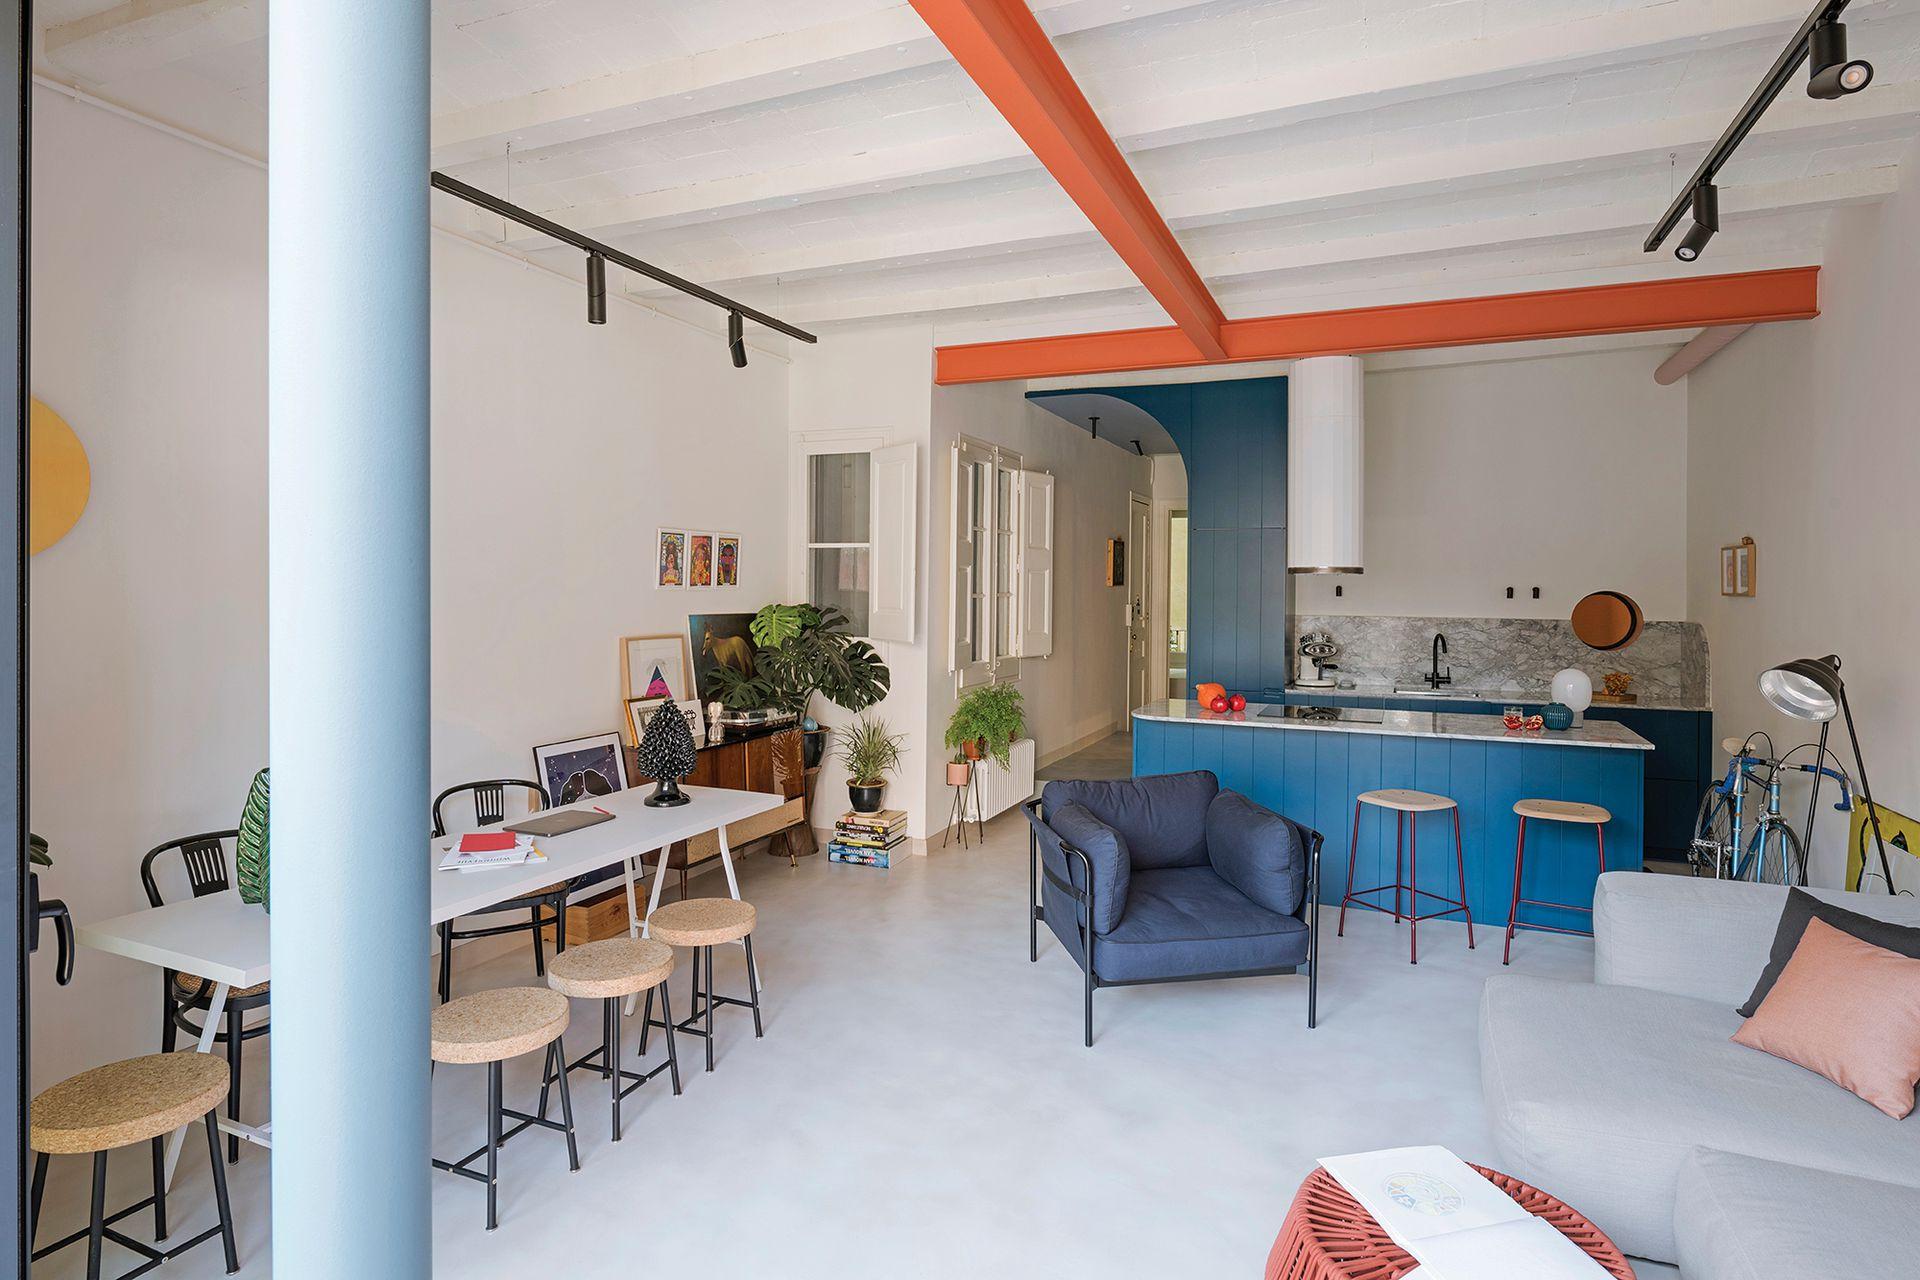 Las ventanas como de casita a la derecha de la mesa dan al aire y luz junto a la escalera. Banquitos con tapa de corcho.